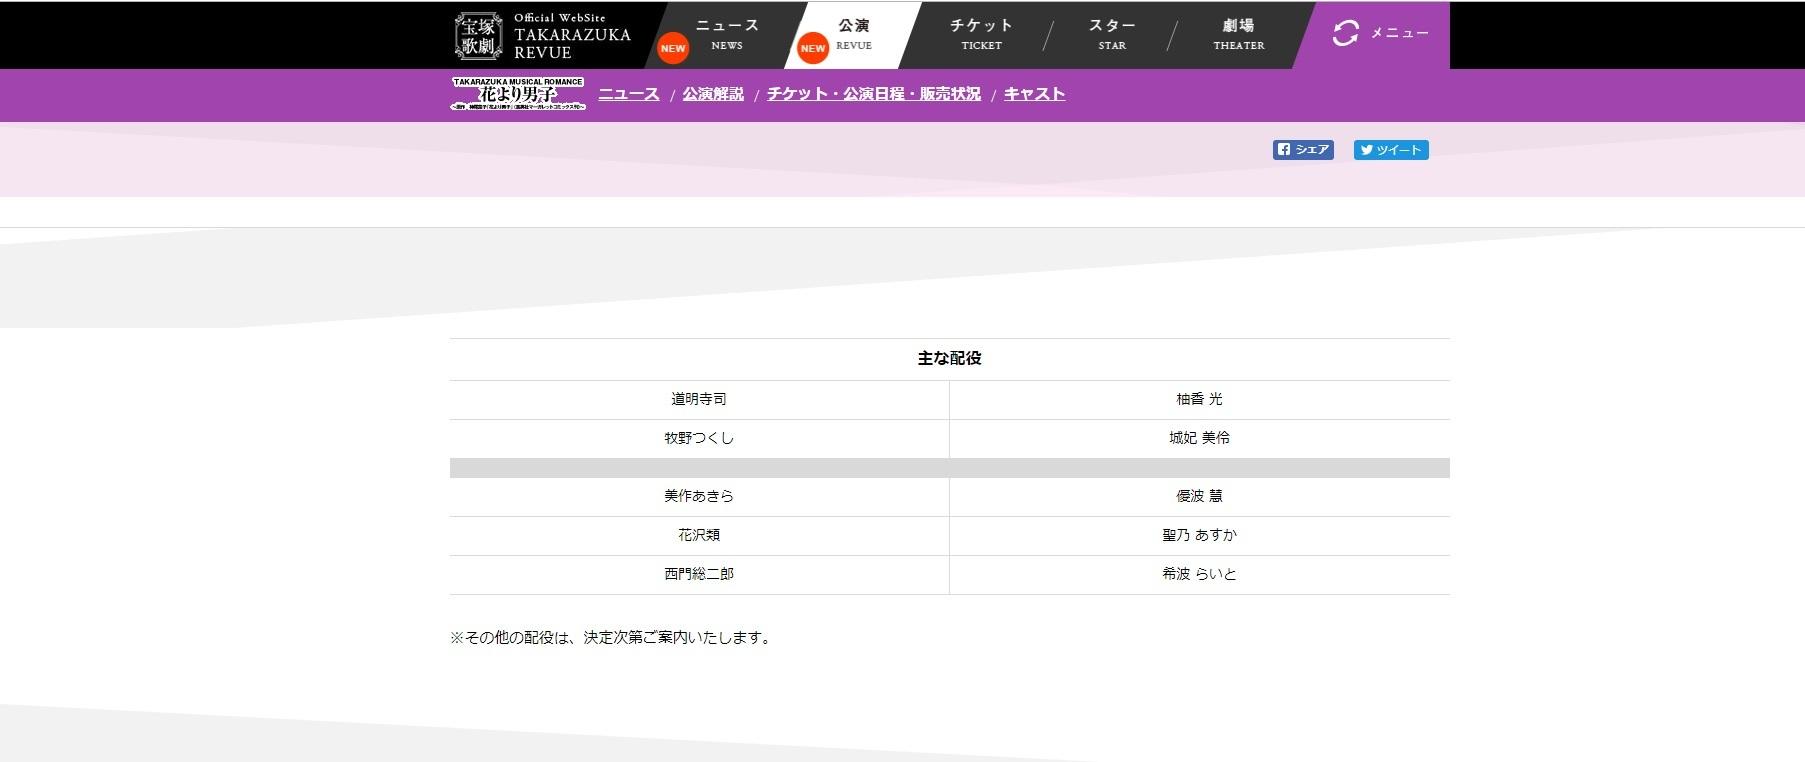 宝塚歌劇公式ホームページ(http://kageki.hankyu.co.jp)より引用